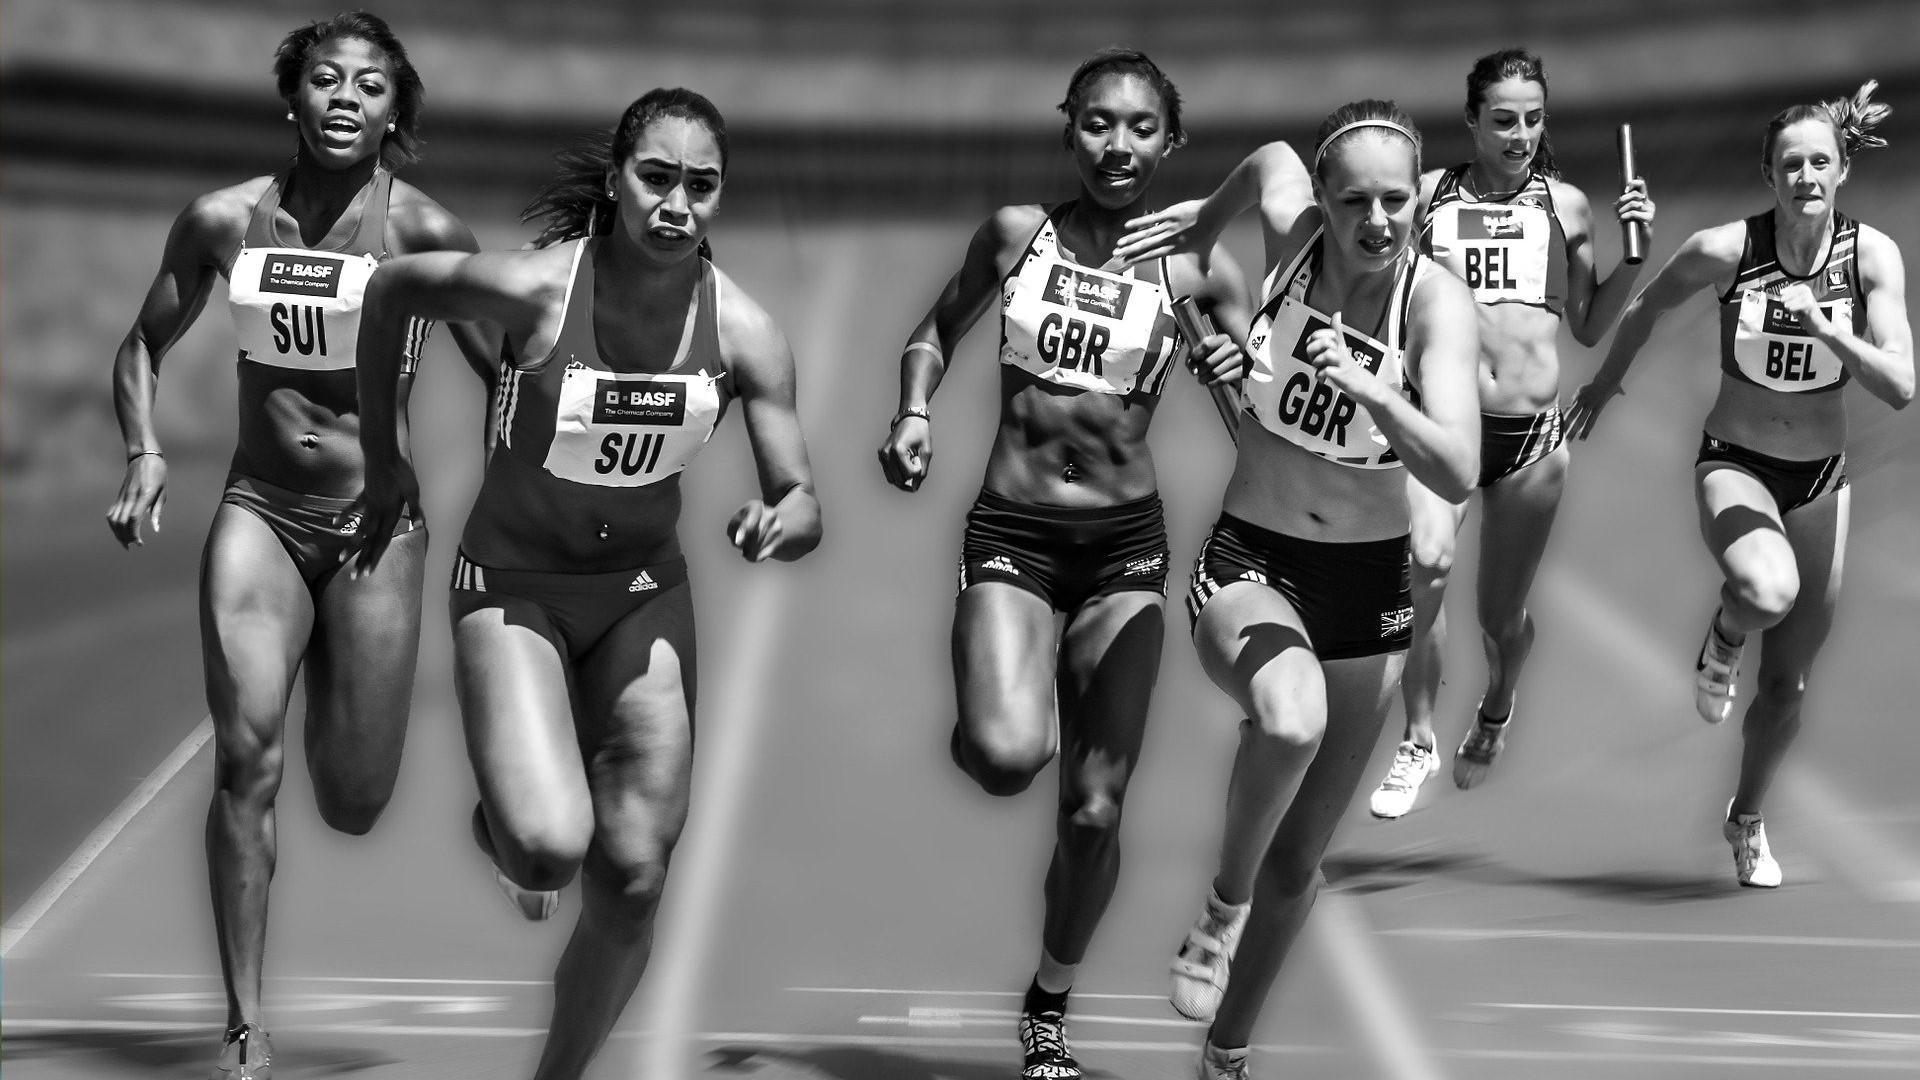 Die Reaktionszeit zu verbessern, kann z. B. für Sportler interessant sein.